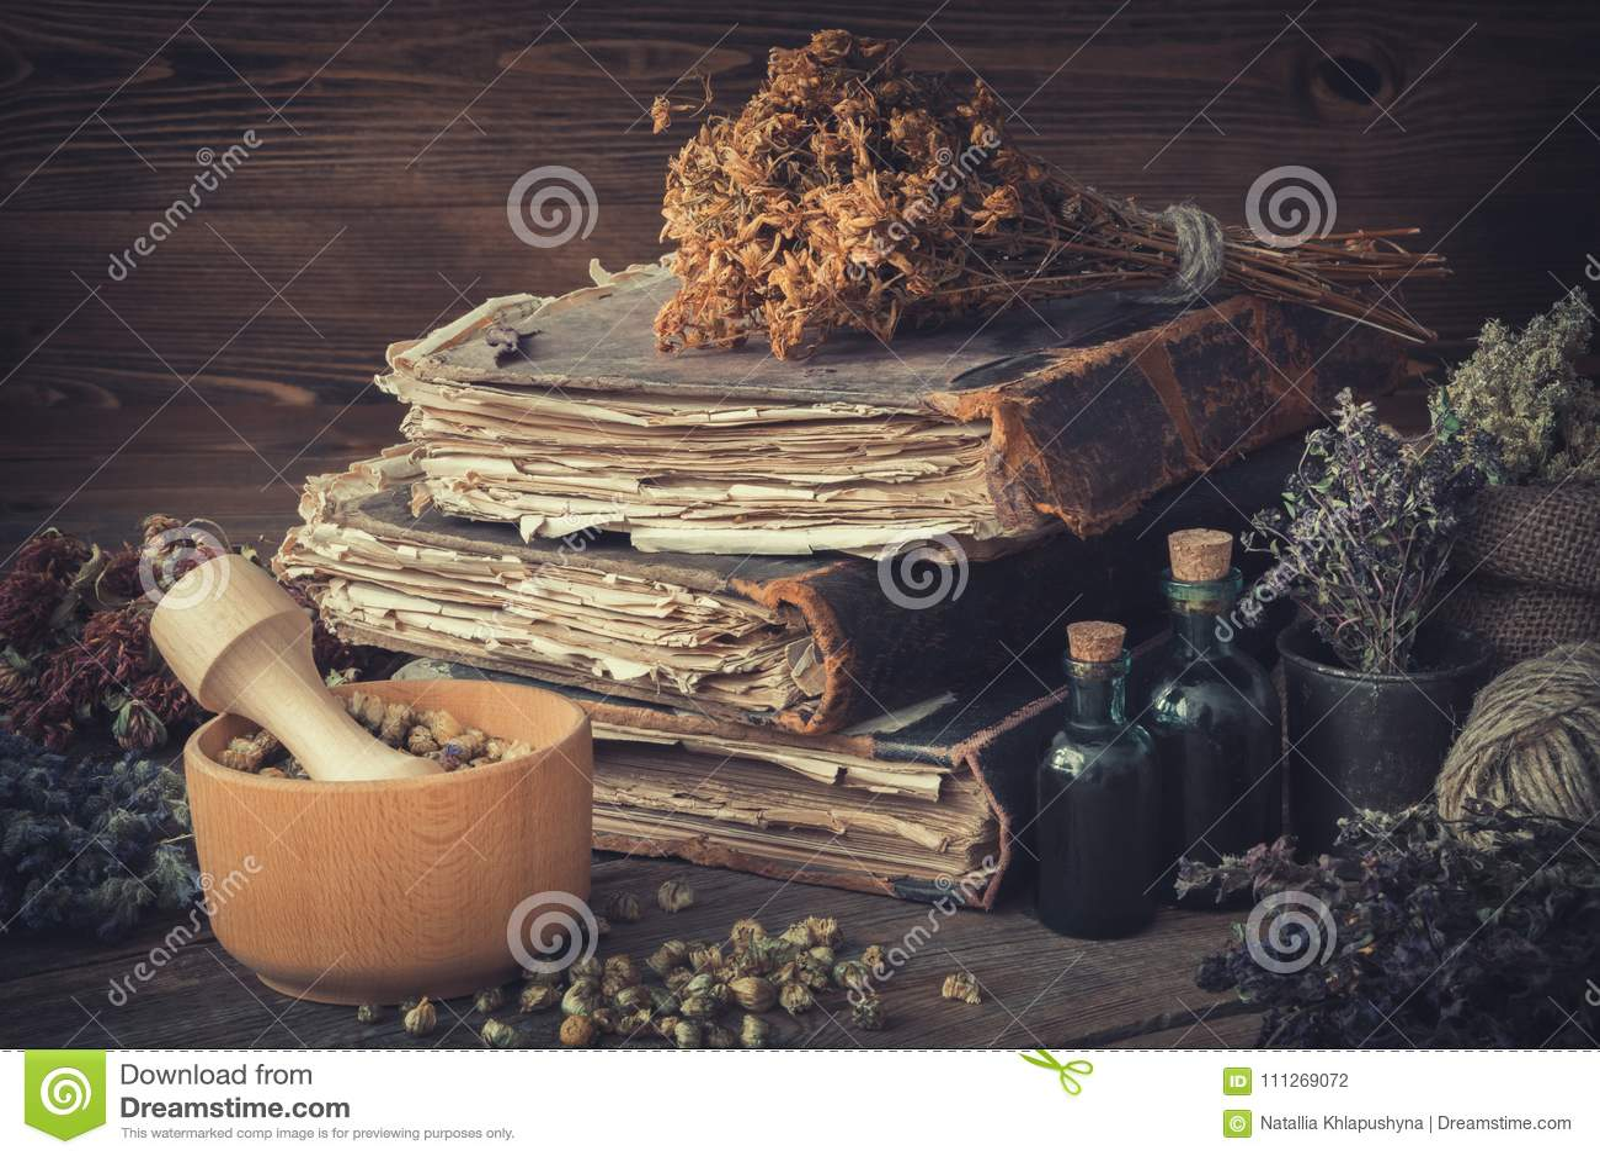 酊瓶,束健康草本,堆古色古香的书,灰浆,大袋医药草本 作为消沉有效草本金丝桃属植物医学perforatum对待